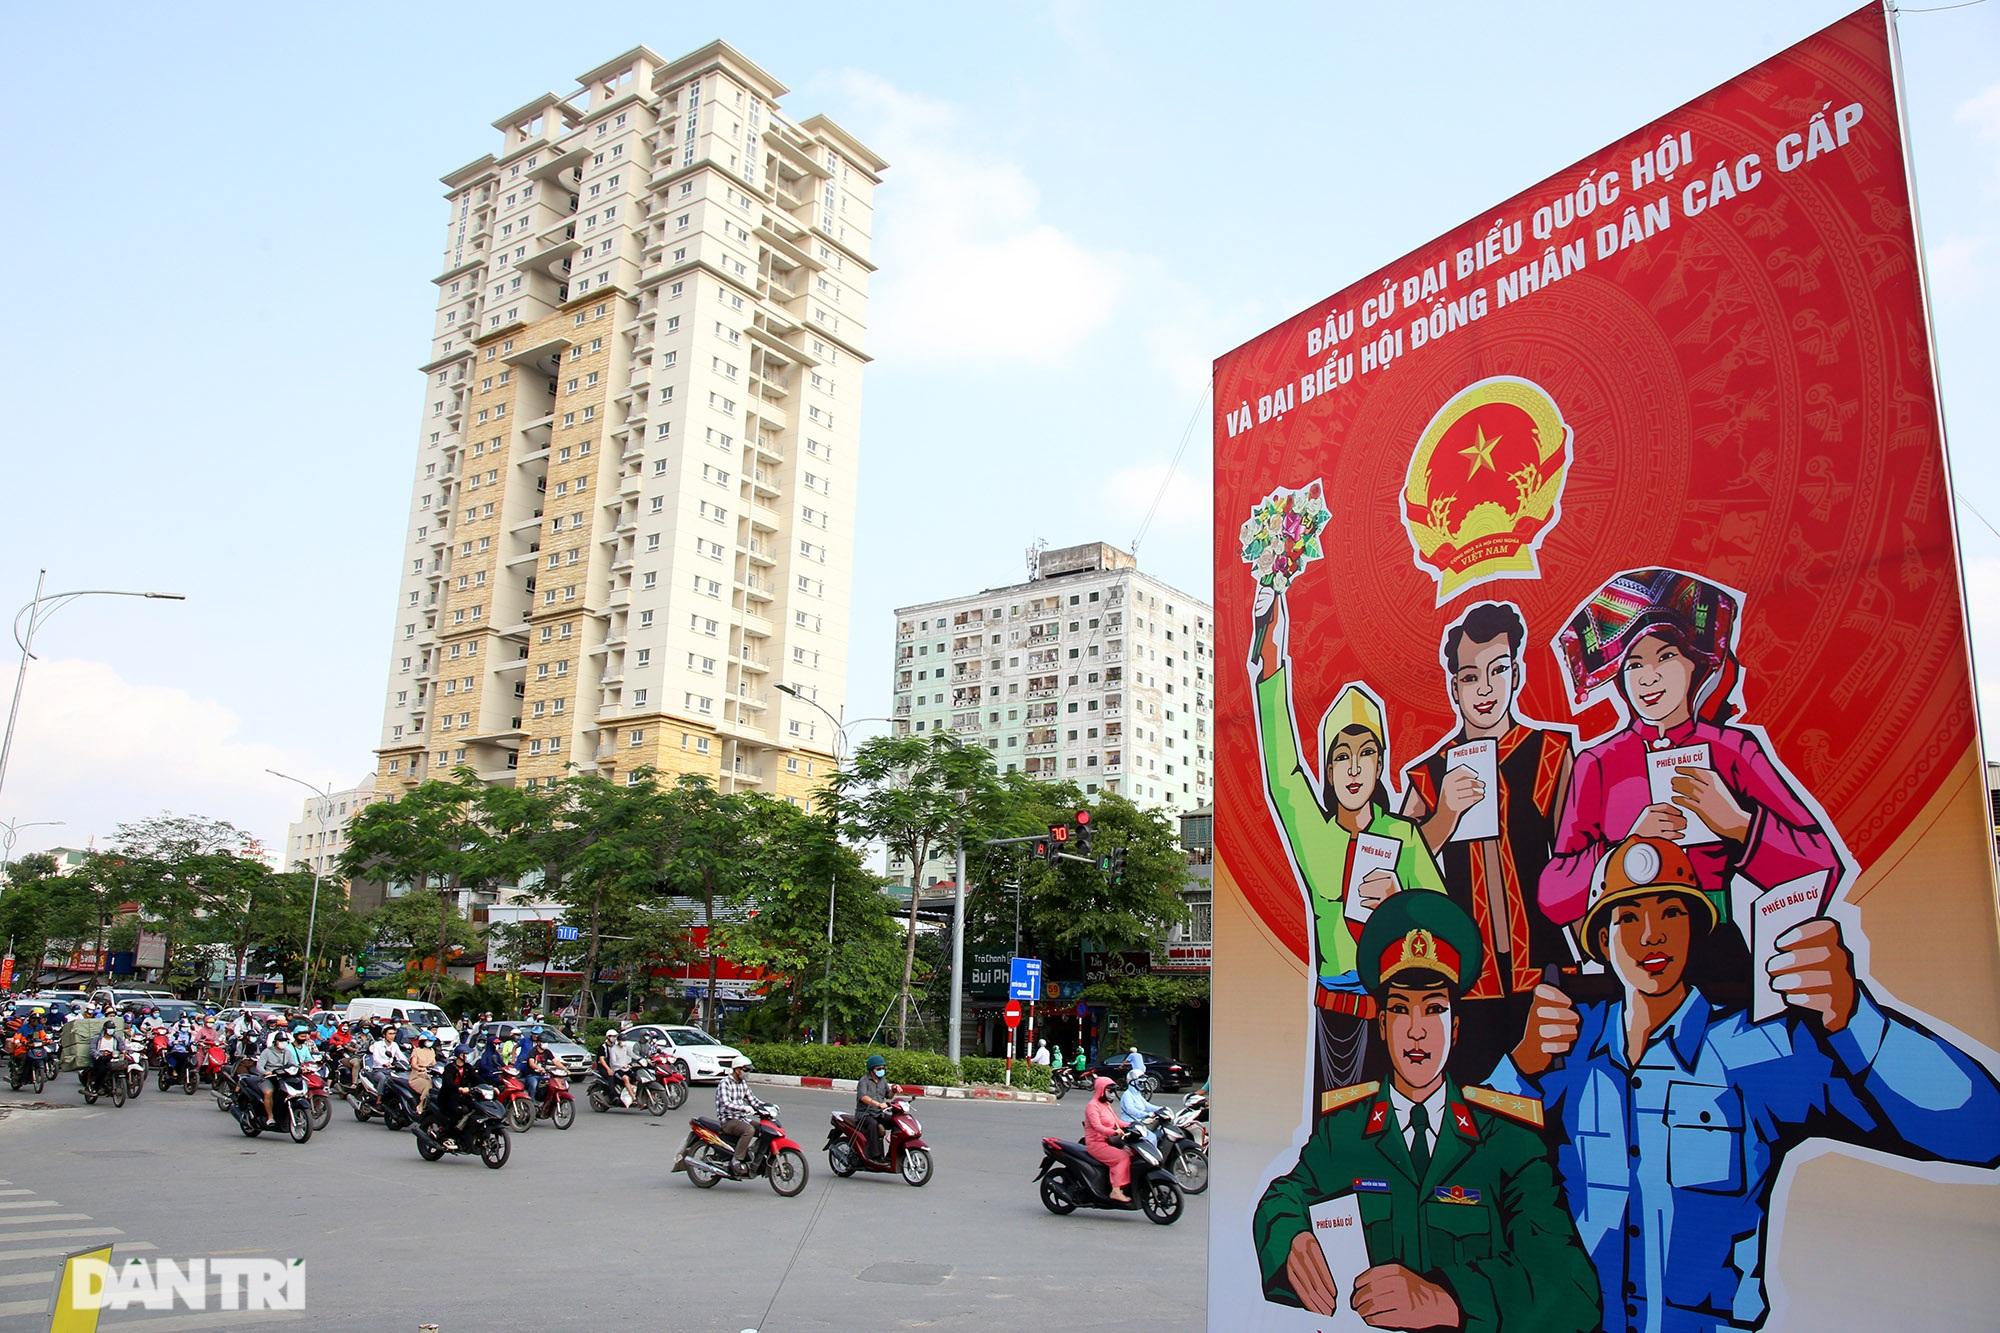 Hà Nội trang trí đường phố chào mừng cuộc bầu cử Đại biểu Quốc hội khóa XV - 13